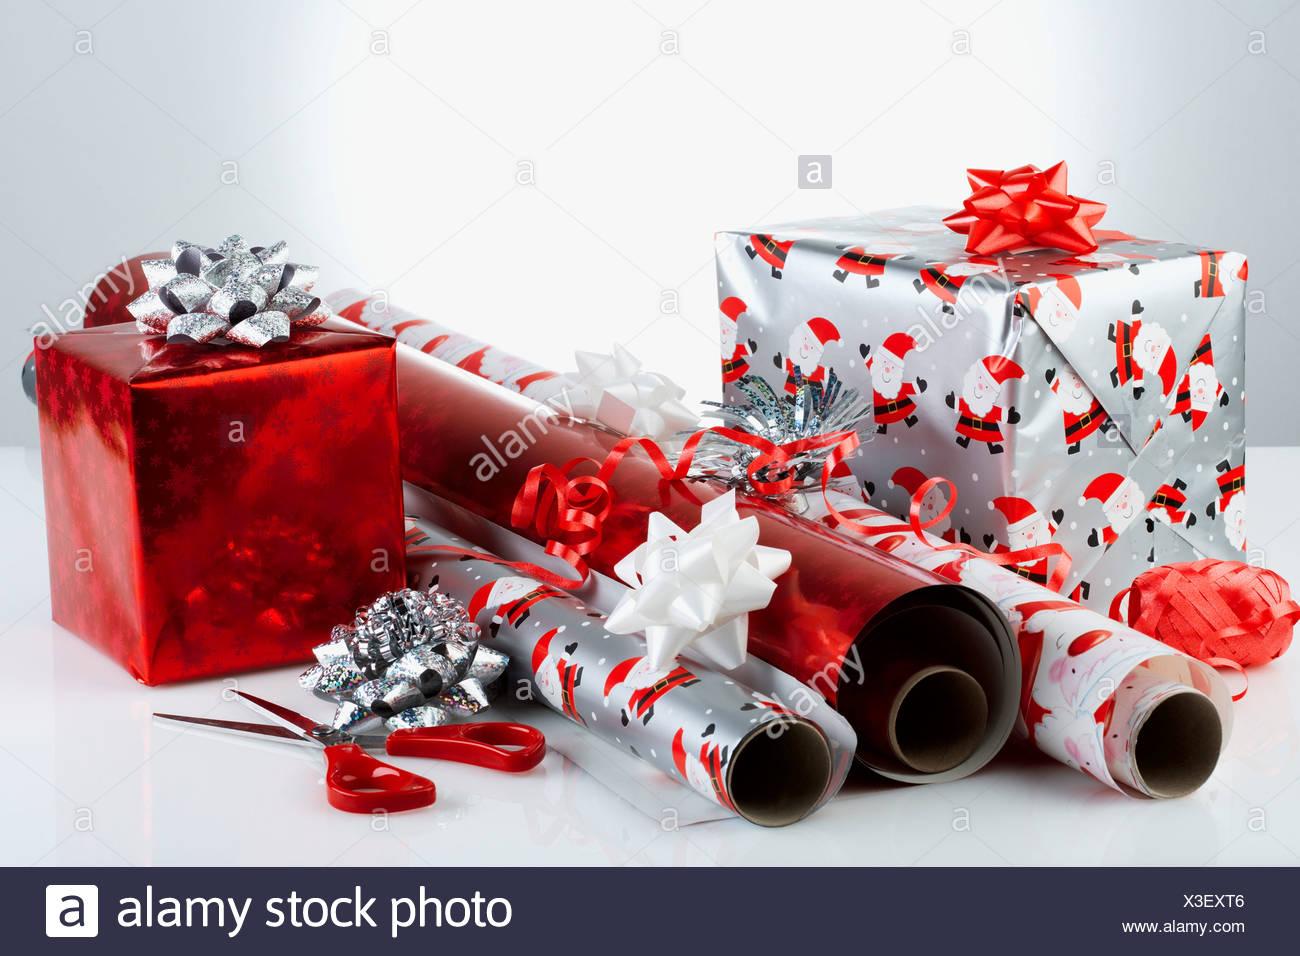 Regalos de Navidad con envoltorio de papel y tijeras, close-up Imagen De Stock